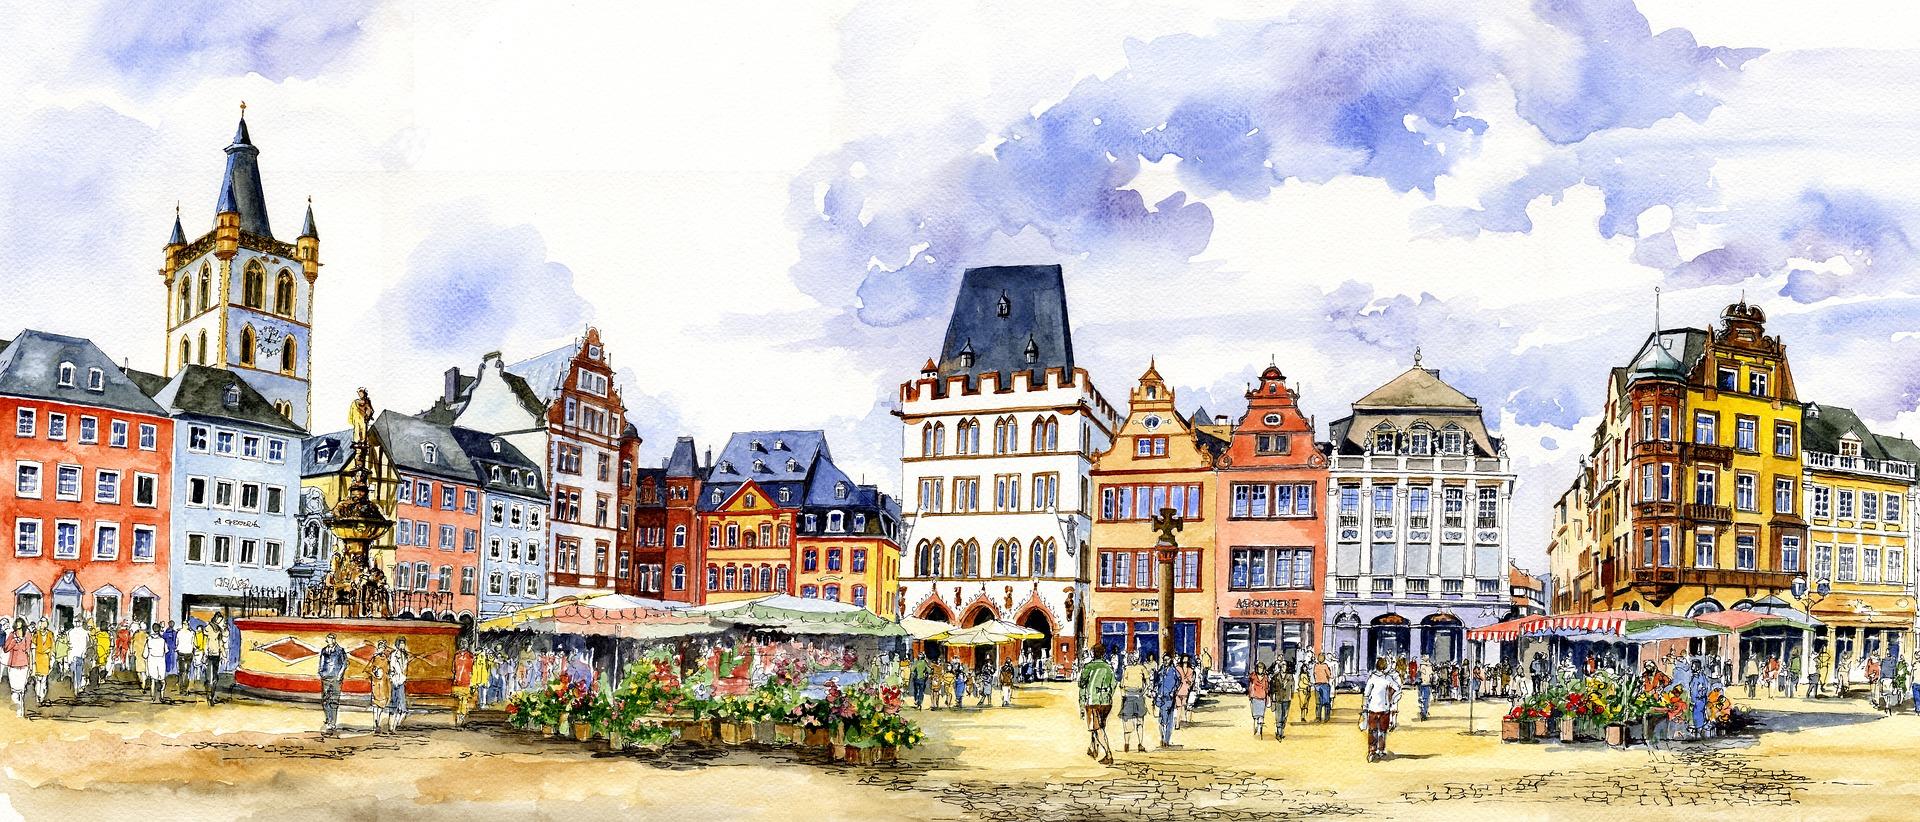 Trier Sehenswürdigkeiten Städtereise planen - Hotel ab 44,00€